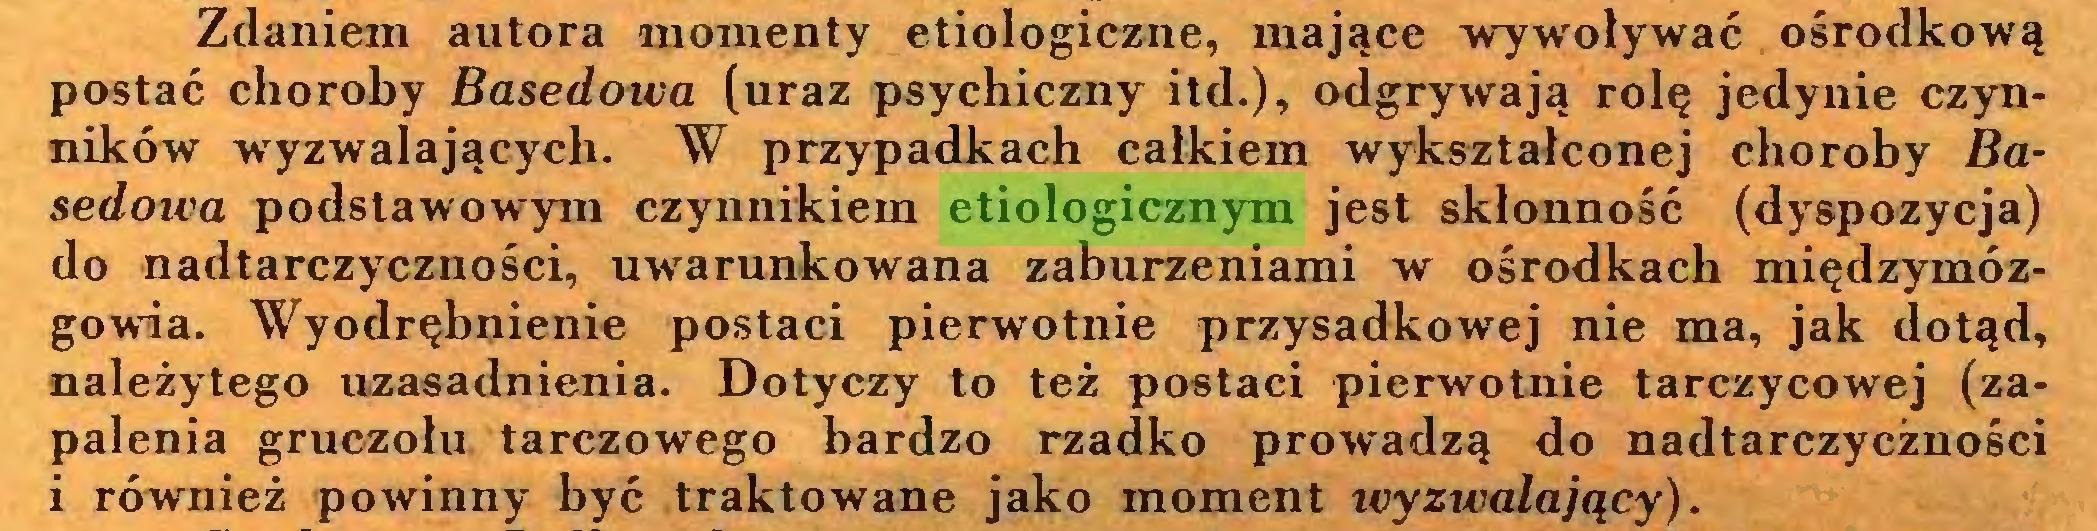 (...) Zdaniem autora momenty etiologiczne, mające wywoływać ośrodkową postać choroby Basedoica (uraz psychiczny itd.), odgrywają rolę jedynie czynników wyzwalających. W przypadkach całkiem wykształconej choroby Basedowa podstawowym czynnikiem etiologicznym jest skłonność (dyspozycja) do nadtarczyczności, uwarunkowana zaburzeniami w ośrodkach międzymózgowia. Wyodrębnienie postaci pierwotnie przysadkowej nie ma, jak dotąd, należytego uzasadnienia. Dotyczy to też postaci pierwotnie tarczycowej (zapalenia gruczołu tarczowego bardzo rzadko prowadzą do nadtarczyczności i również powinny być traktowane jako moment wyzwalający)...